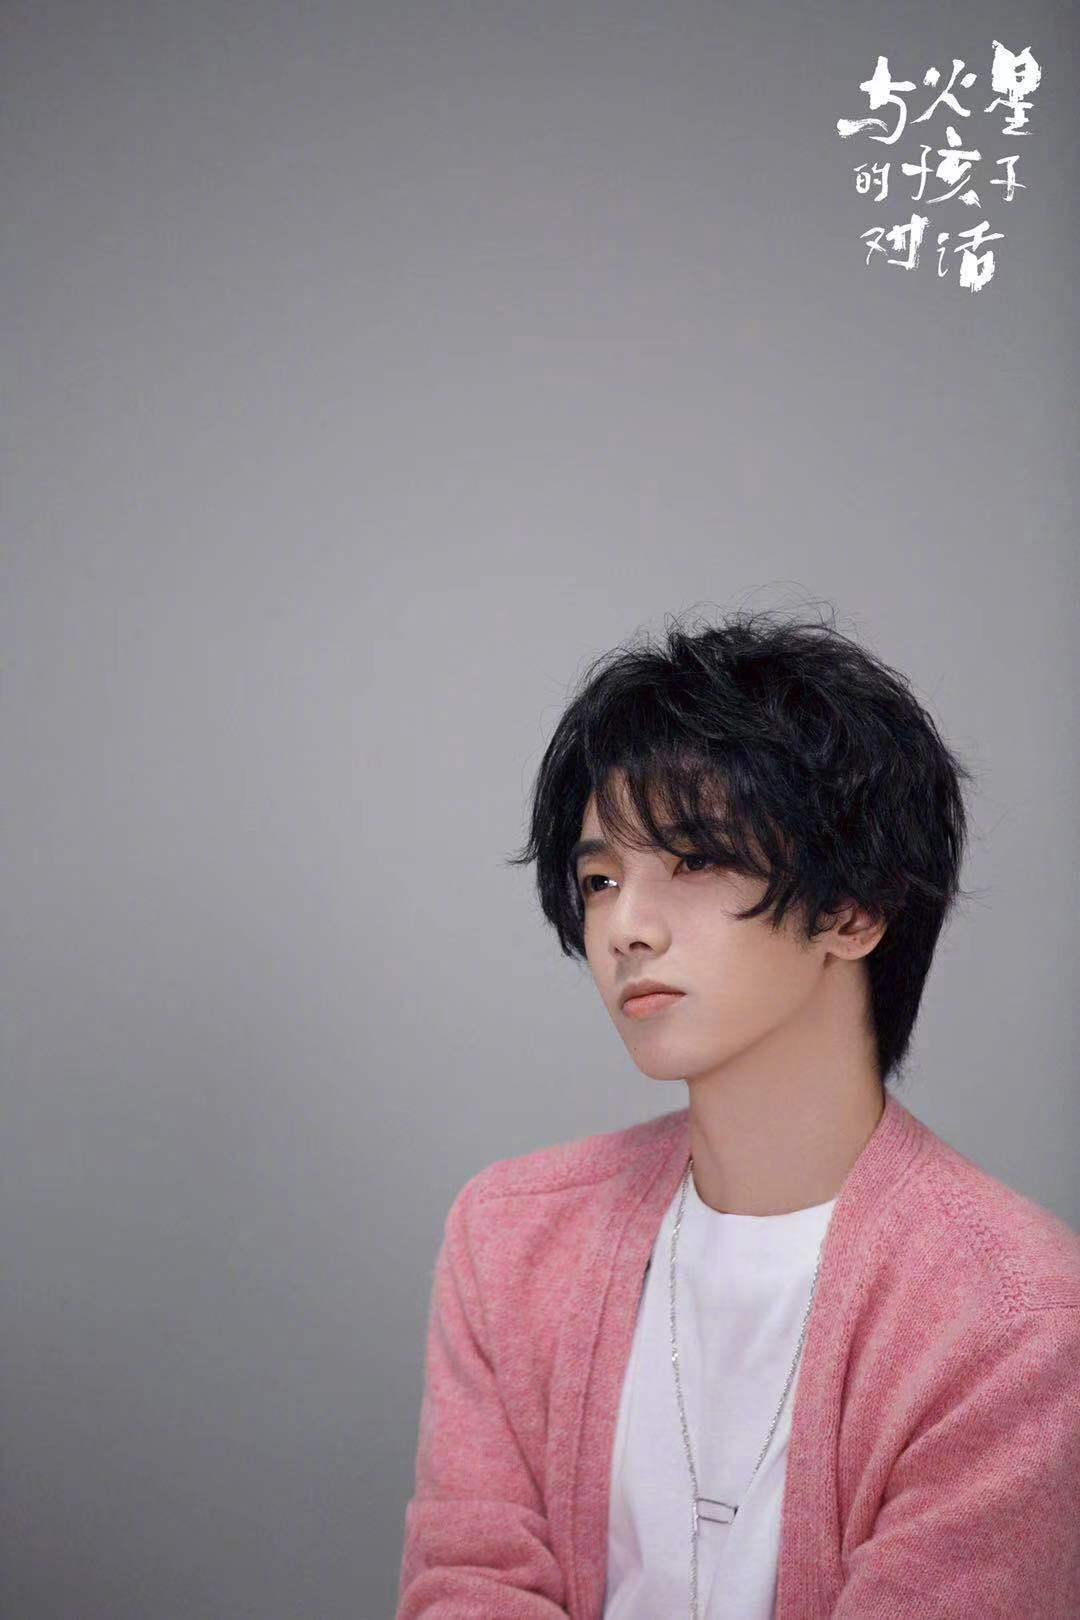 @华晨宇yu 新歌先导片宣传照新鲜出炉。一袭粉色毛衣搭配蓝白牛仔裤